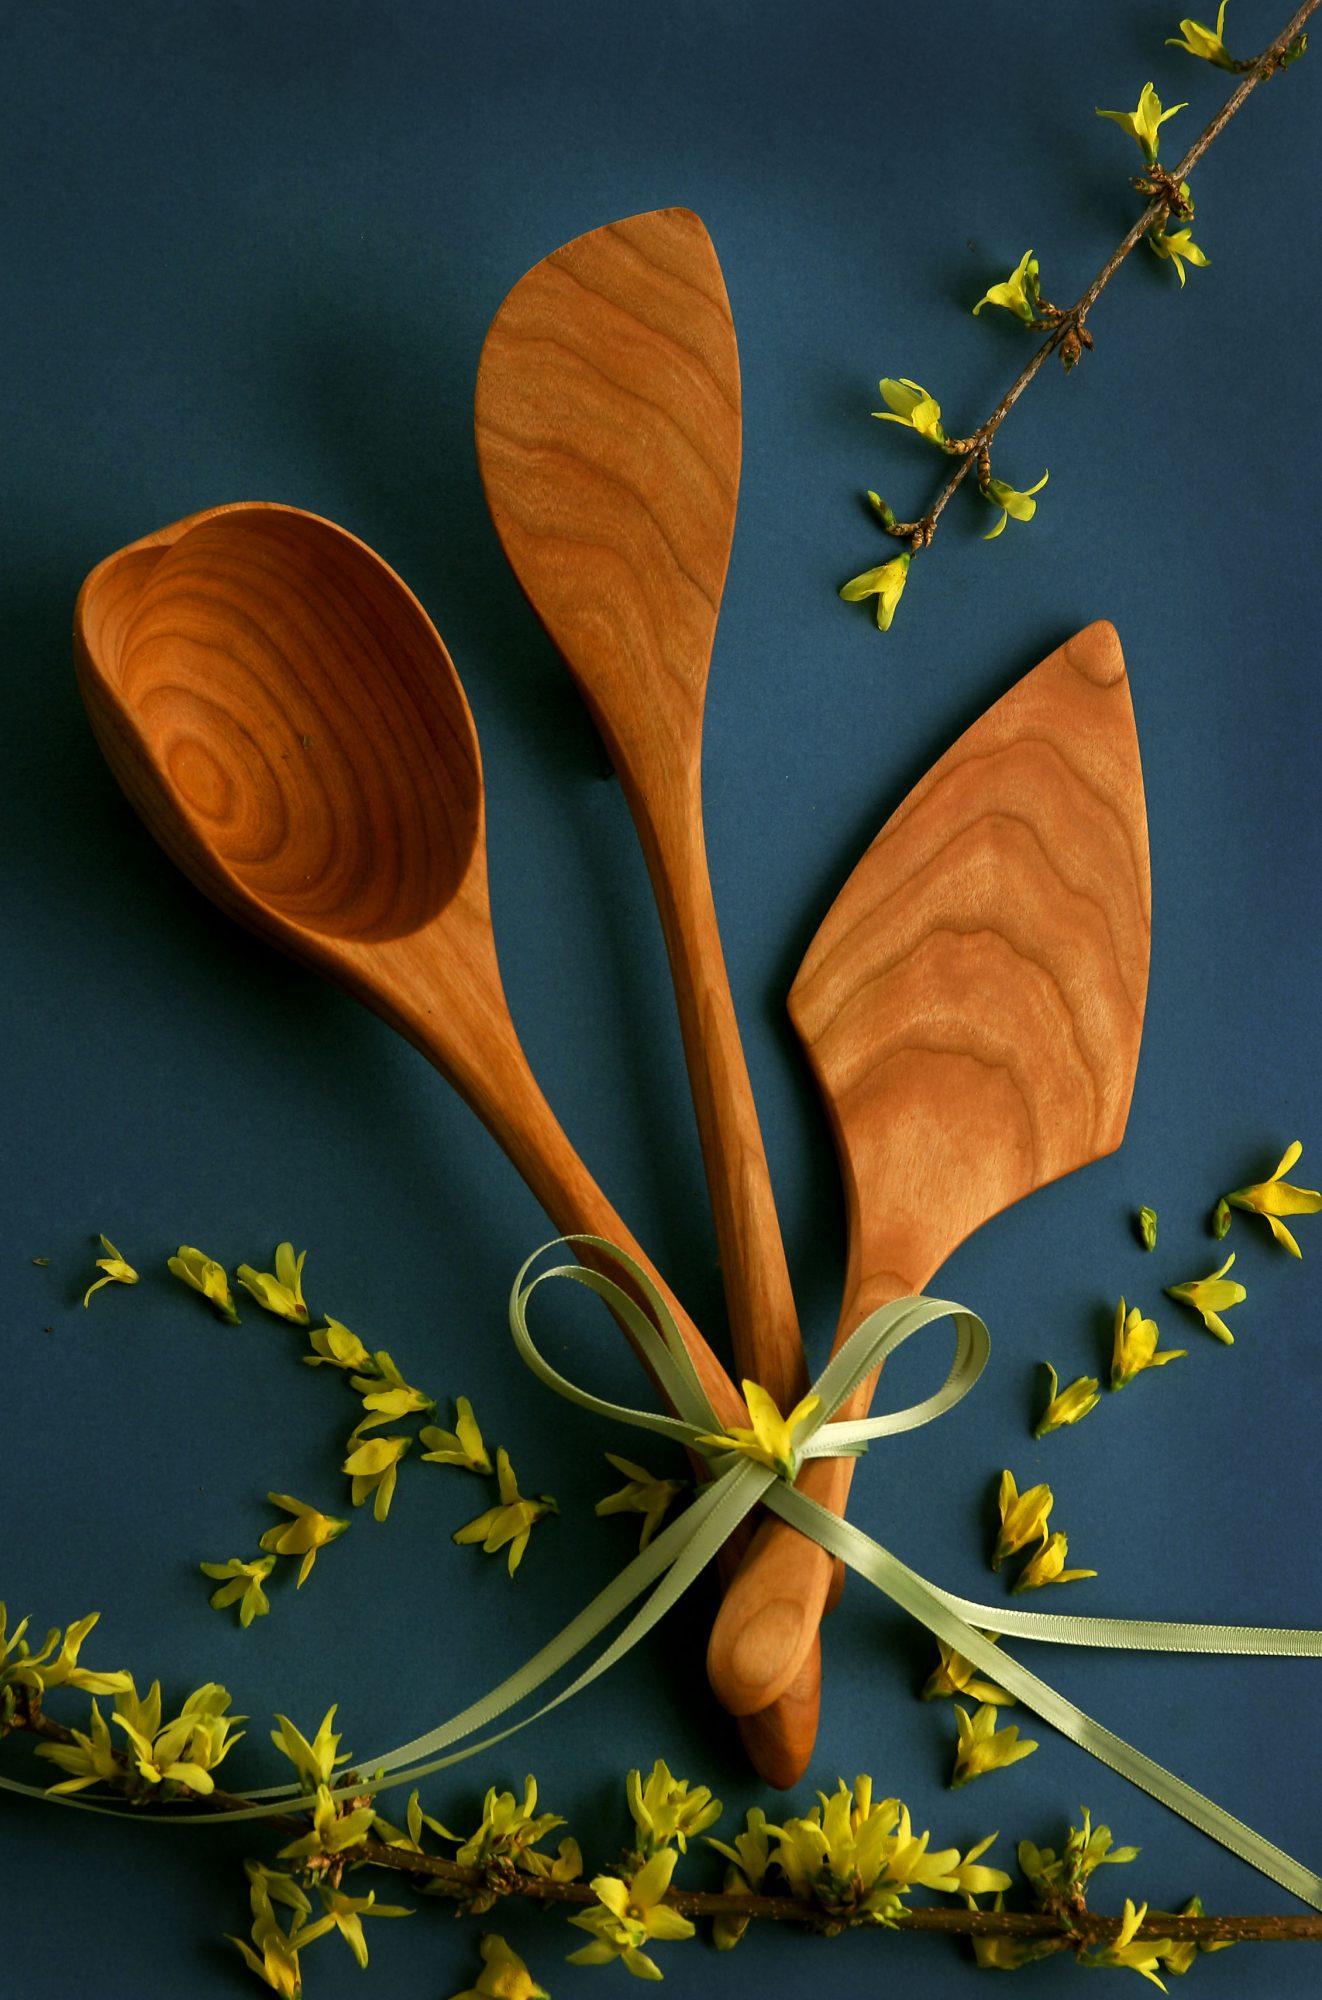 Jonathan's Spoons